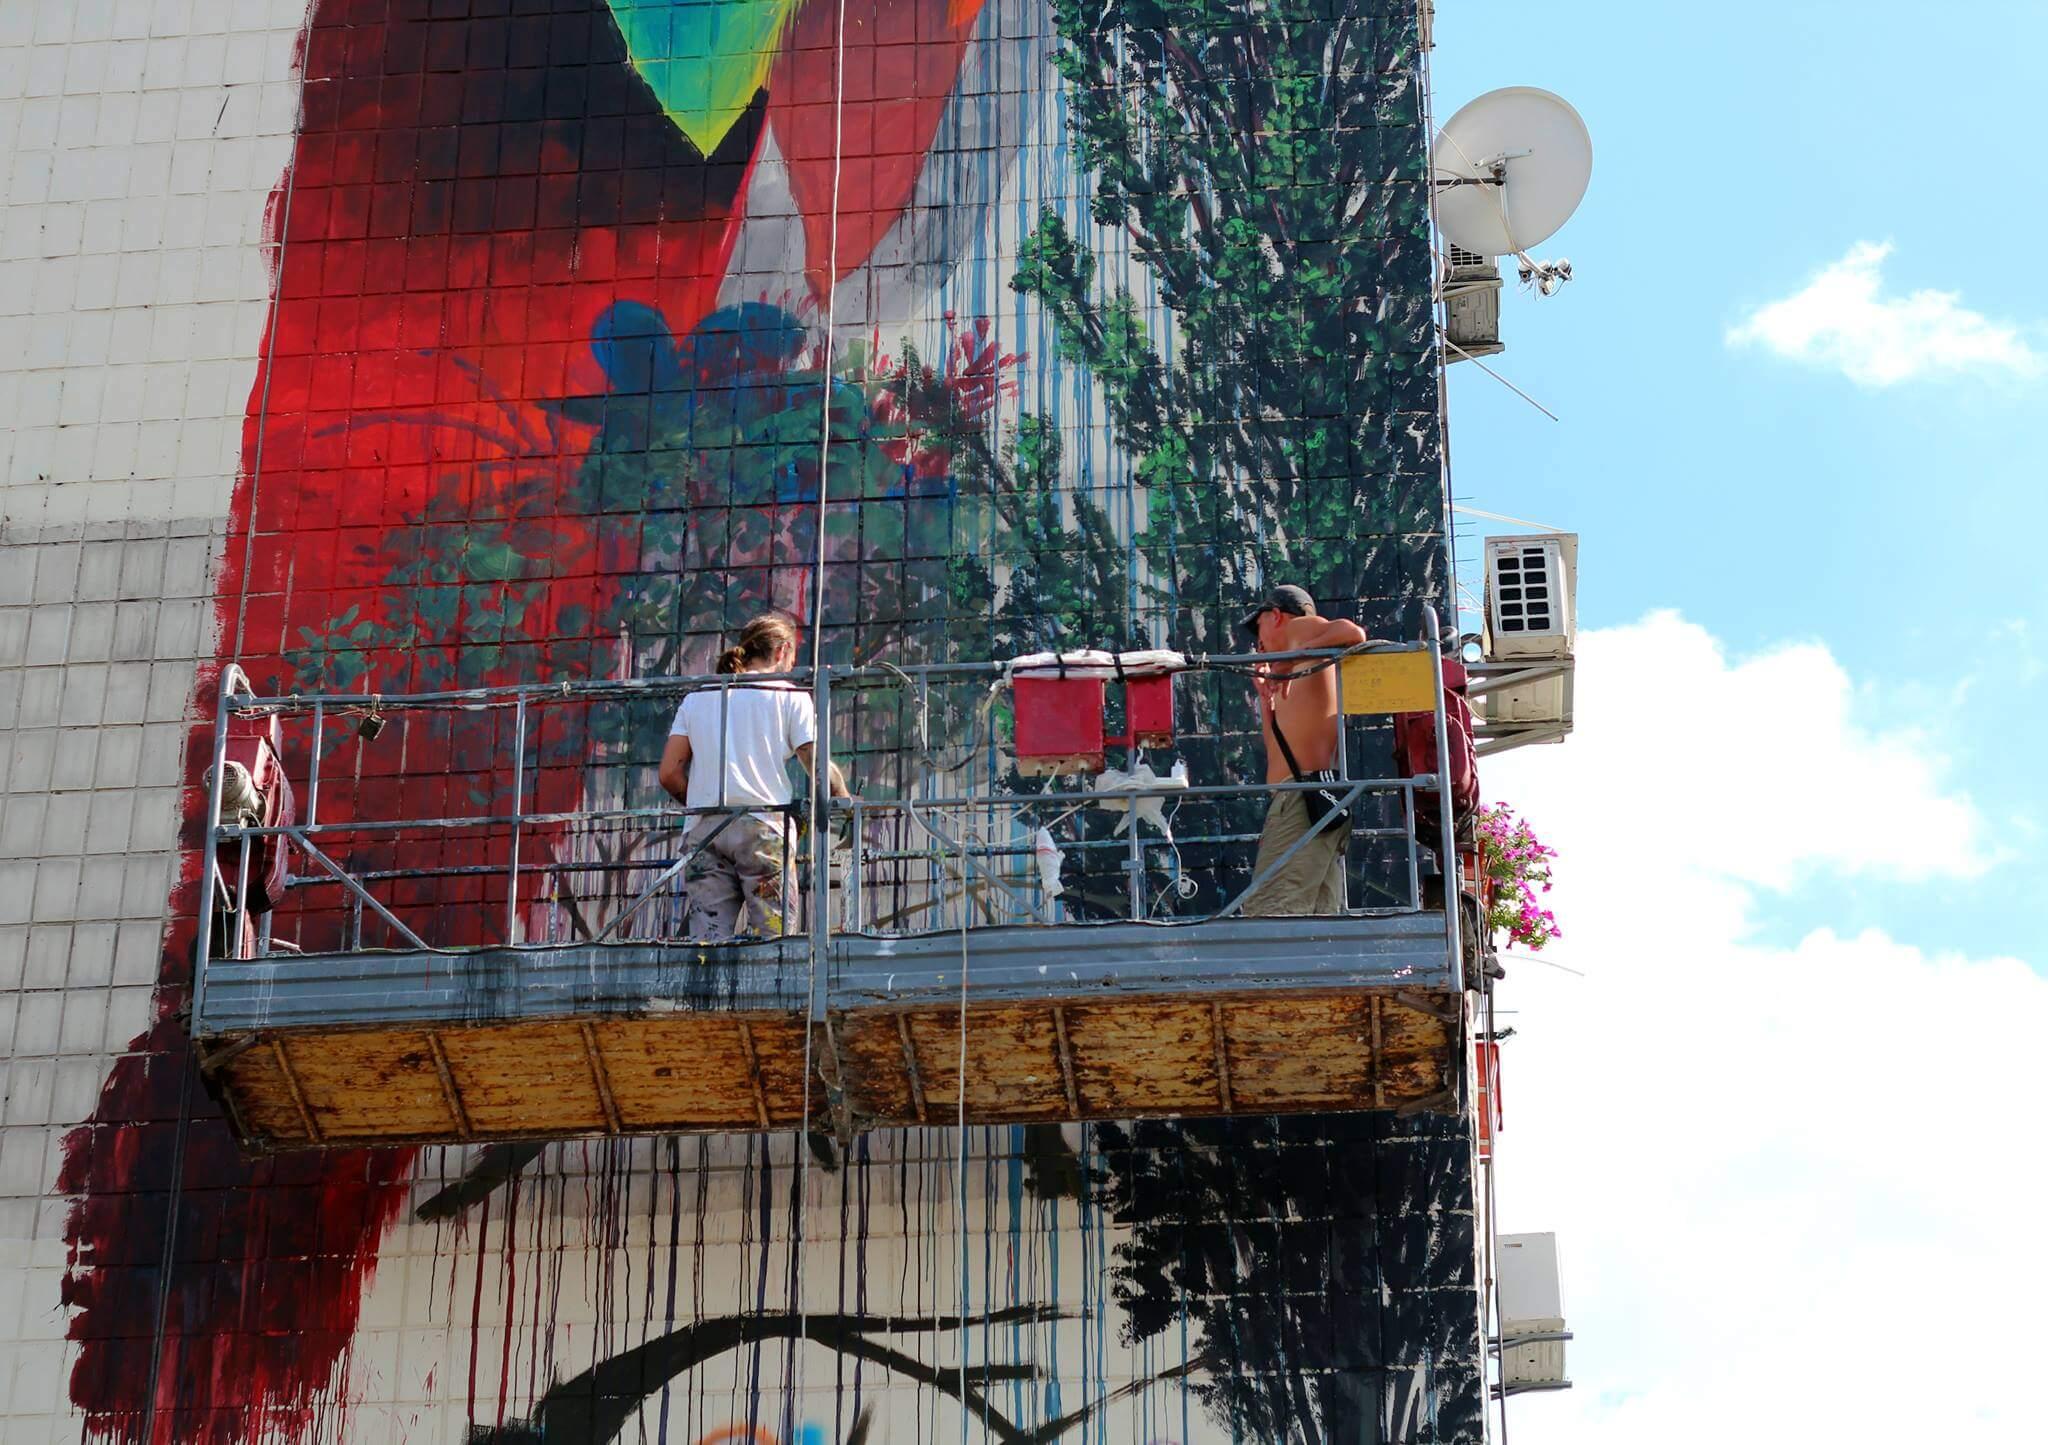 Interview with Street Artist Ernesto Maranje